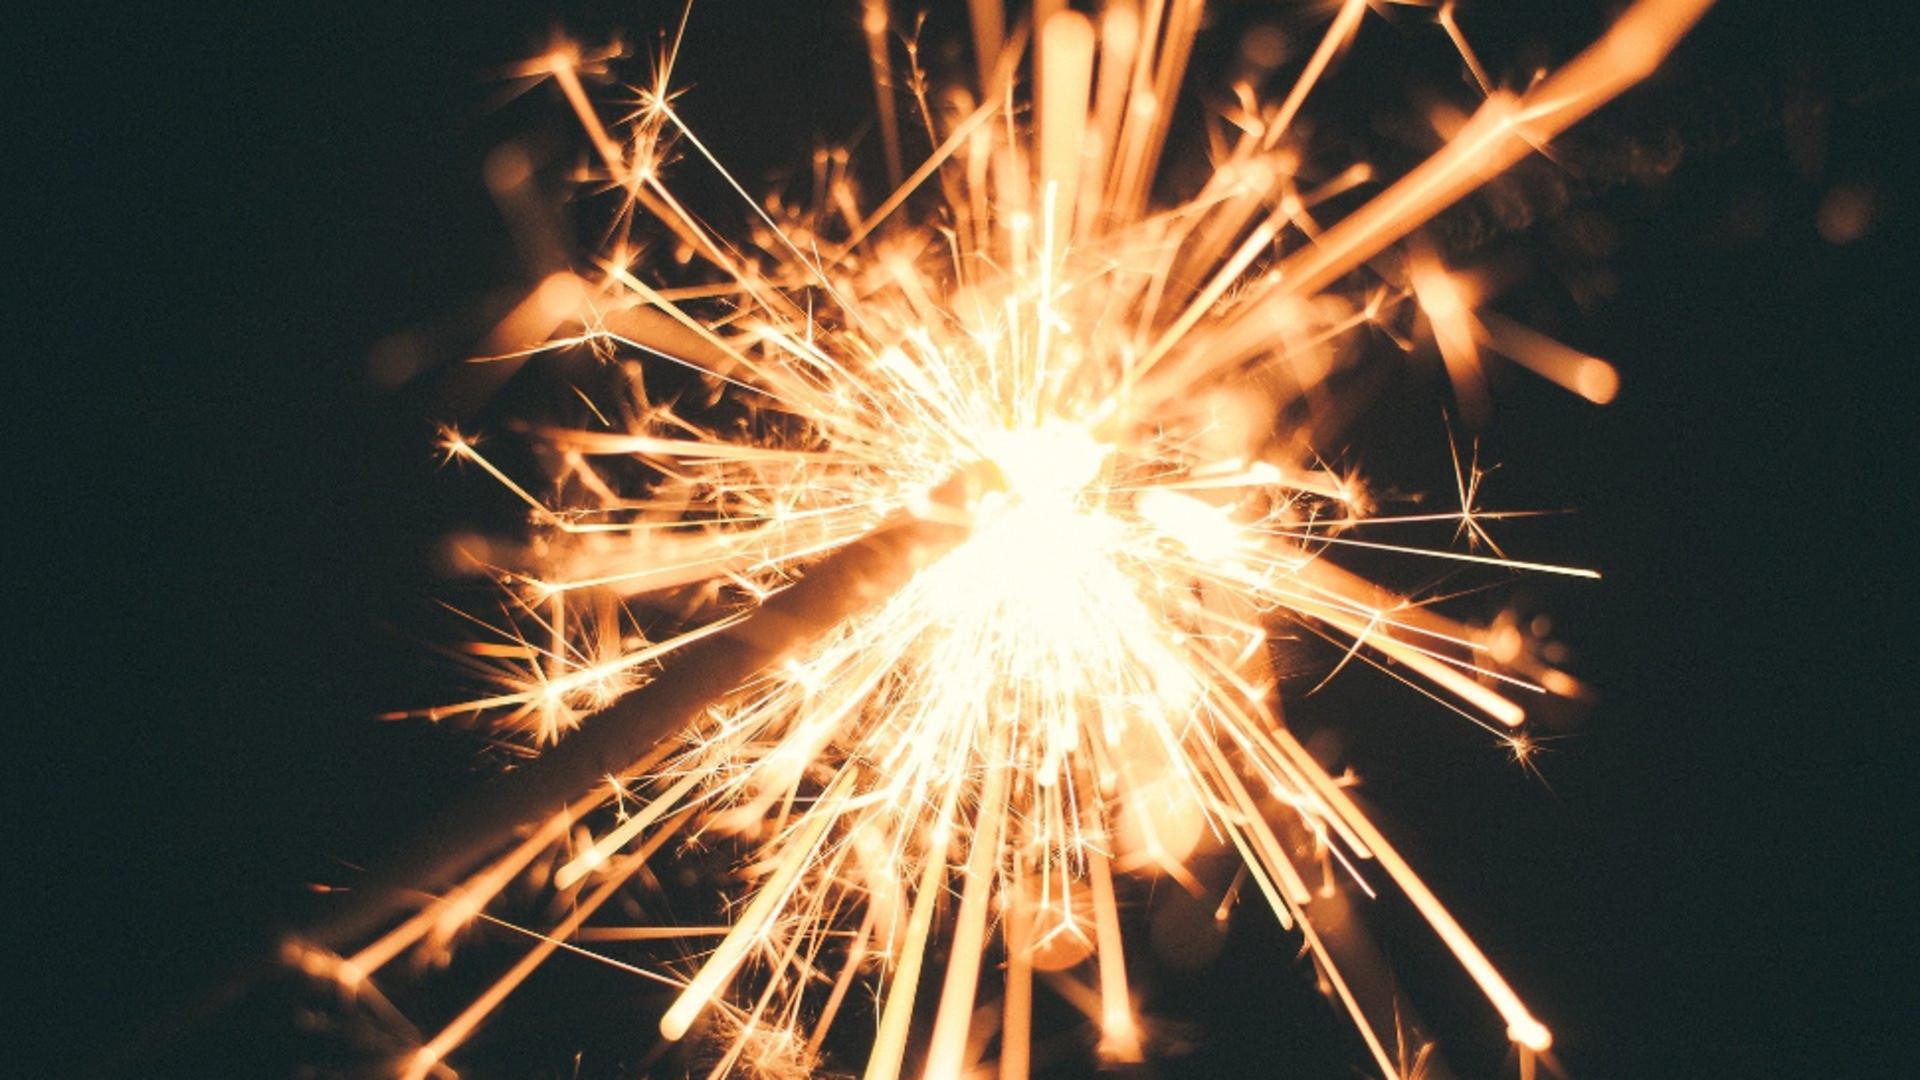 Patru persoane au fost rănite de artificii, la o pensiune din Dolj. Foto: Pixabay